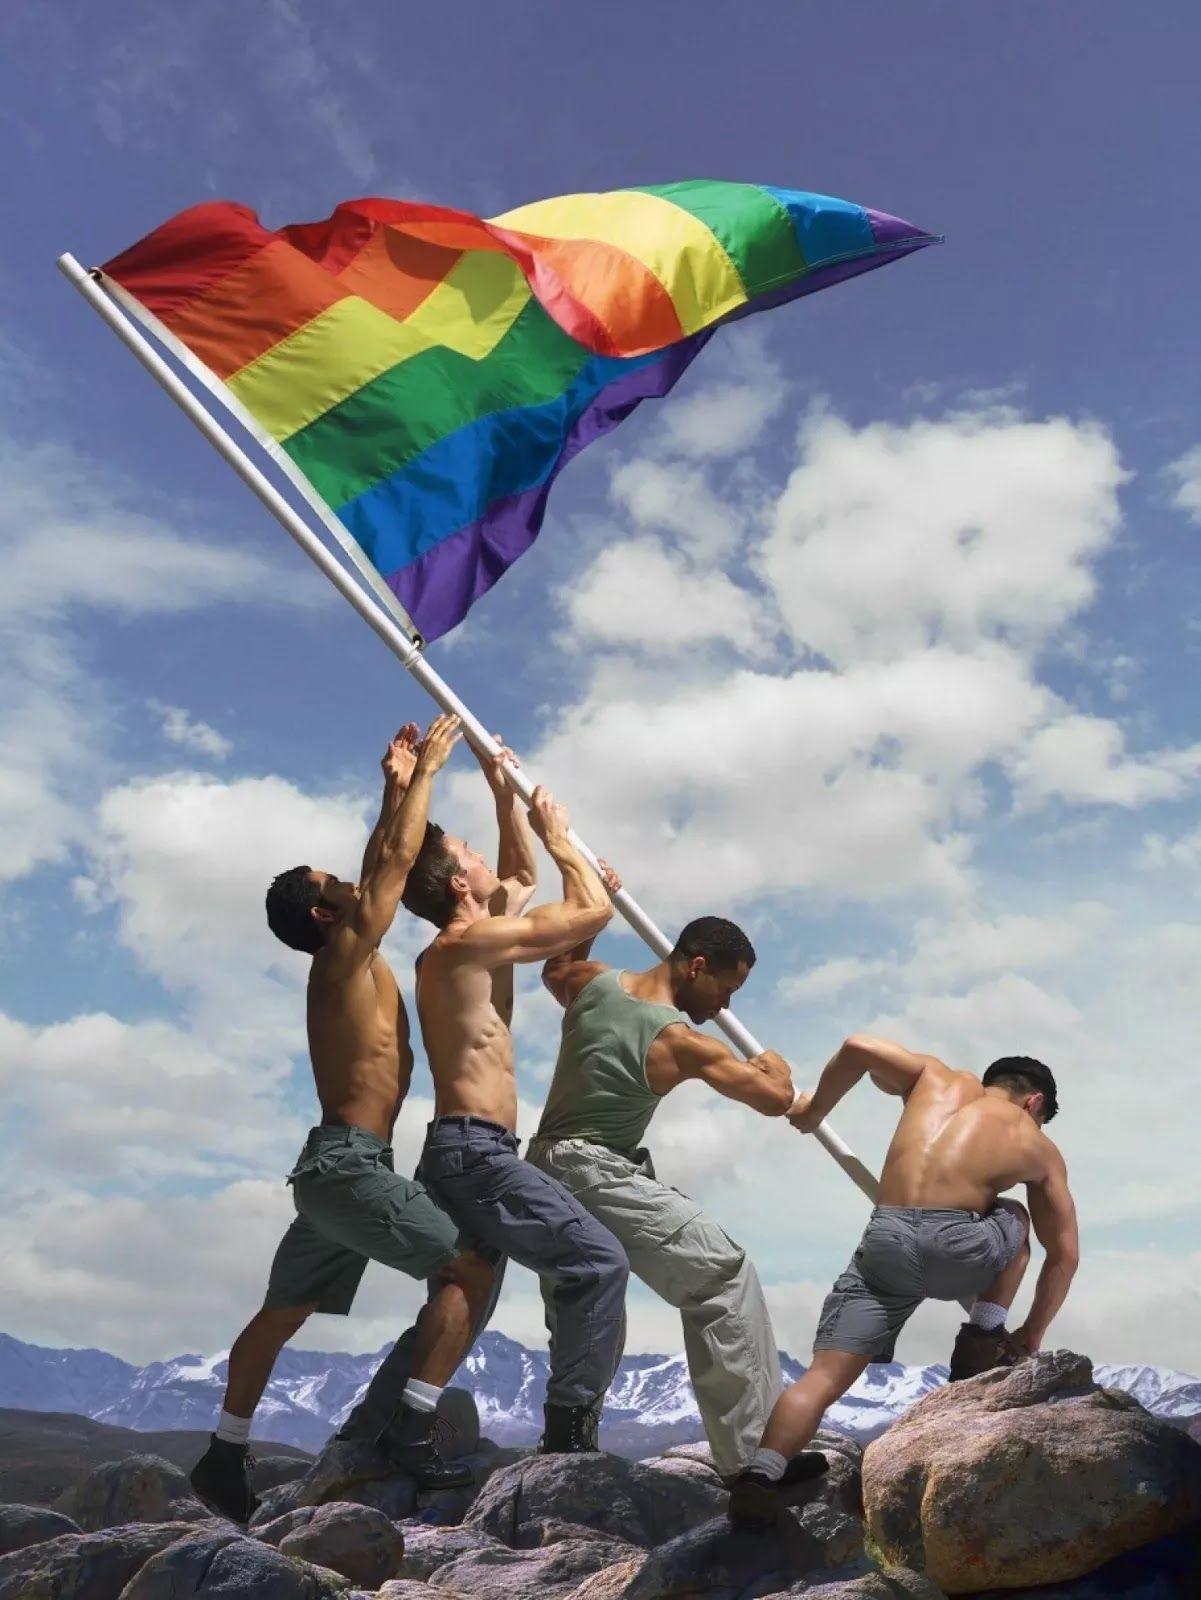 Gökkuşağı rengindeki bayrak, birçok farklı hareket tarafından kullanılmış olsa da, 1978'den beri birçok farklı kültür ve ülkede